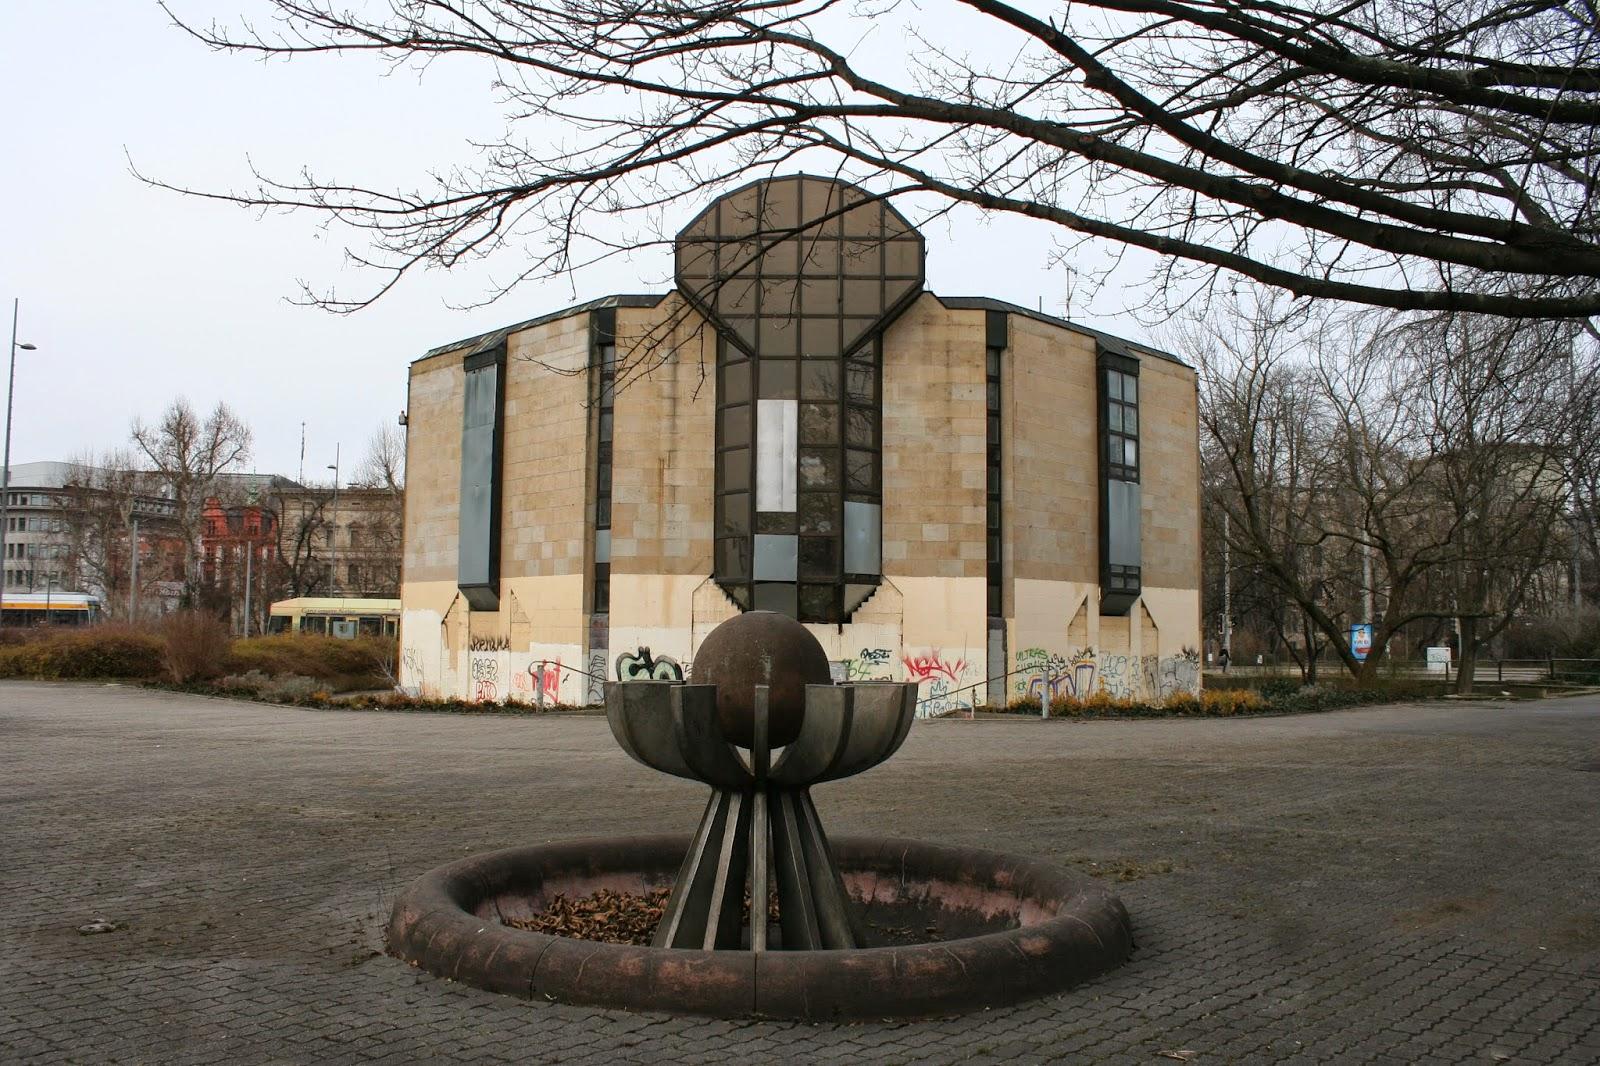 """Wir reden hier von einem technischen Denkmal und vom ehemaligen """"Bowlingtreff"""" am Wilhelm-Leuschner-Platz, doch eigentlich wurde das Eingangsbauwerk nur aufgesetzt, da dort schon seit Jahren ein unterirdisches Strom-Umspannwerk der Stadt Leipzig vorhanden war - hier dmit dem Brunnen vor dem Haus"""